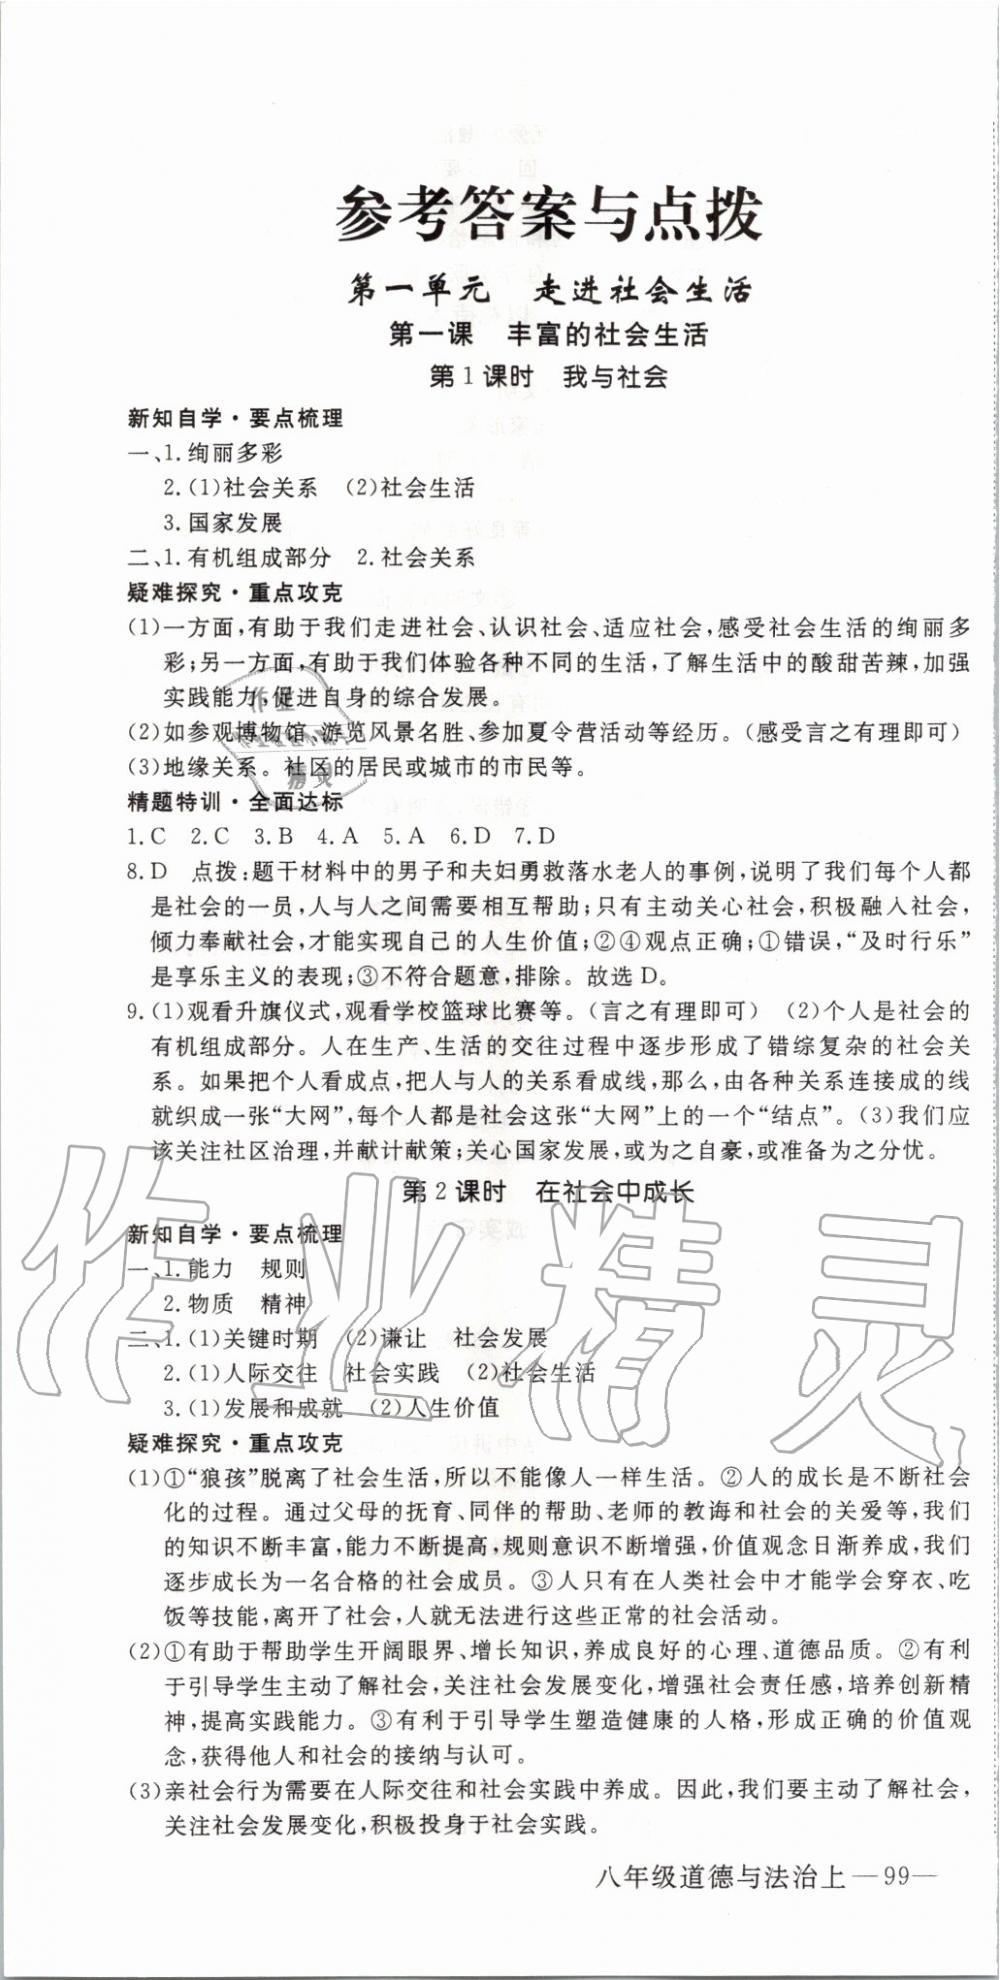 2019年优翼学练优八年级道德与法治上册人教版第1页